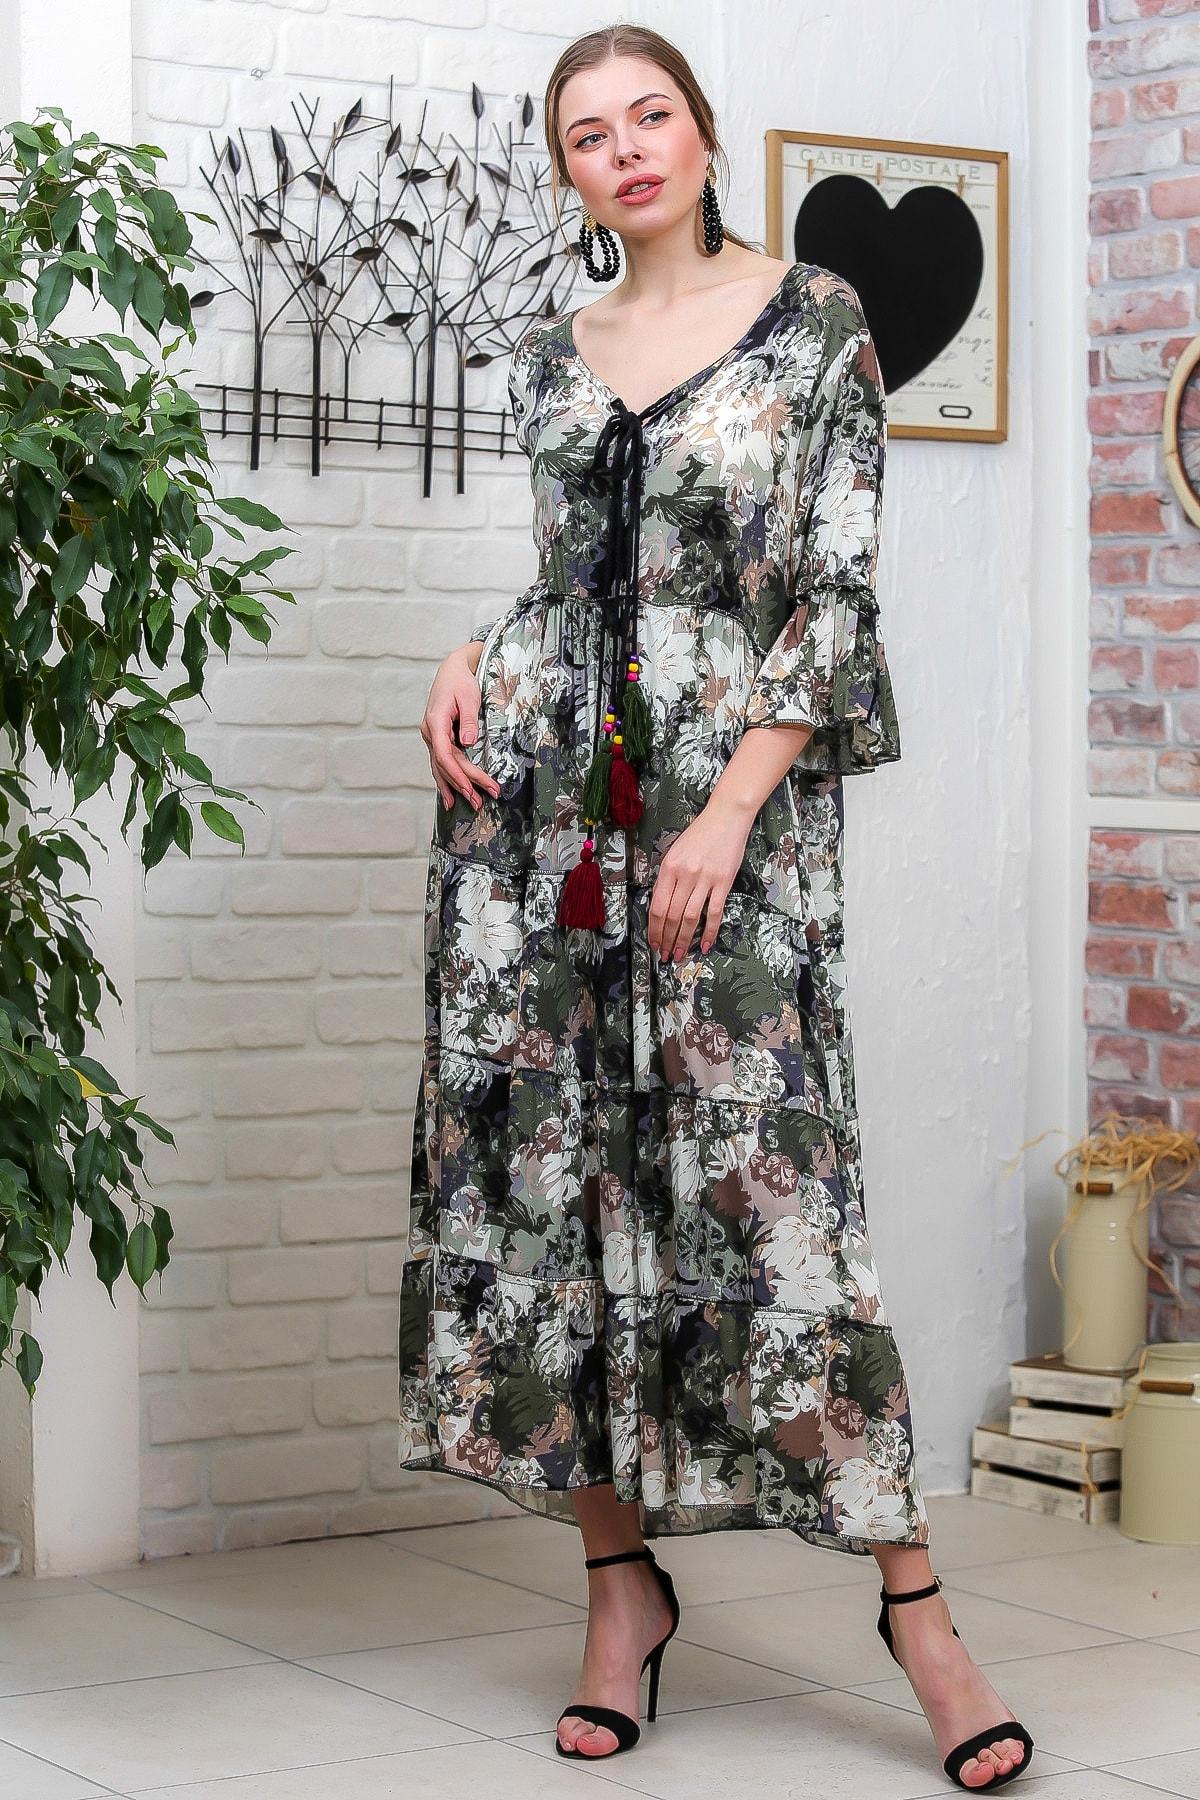 Chiccy Kadın Yeşil-Krem Suluboya Çiçek Desenli Püskül Bağcıklı Kat Kat Salaş Uzun Elbise M10160000EL95621 1